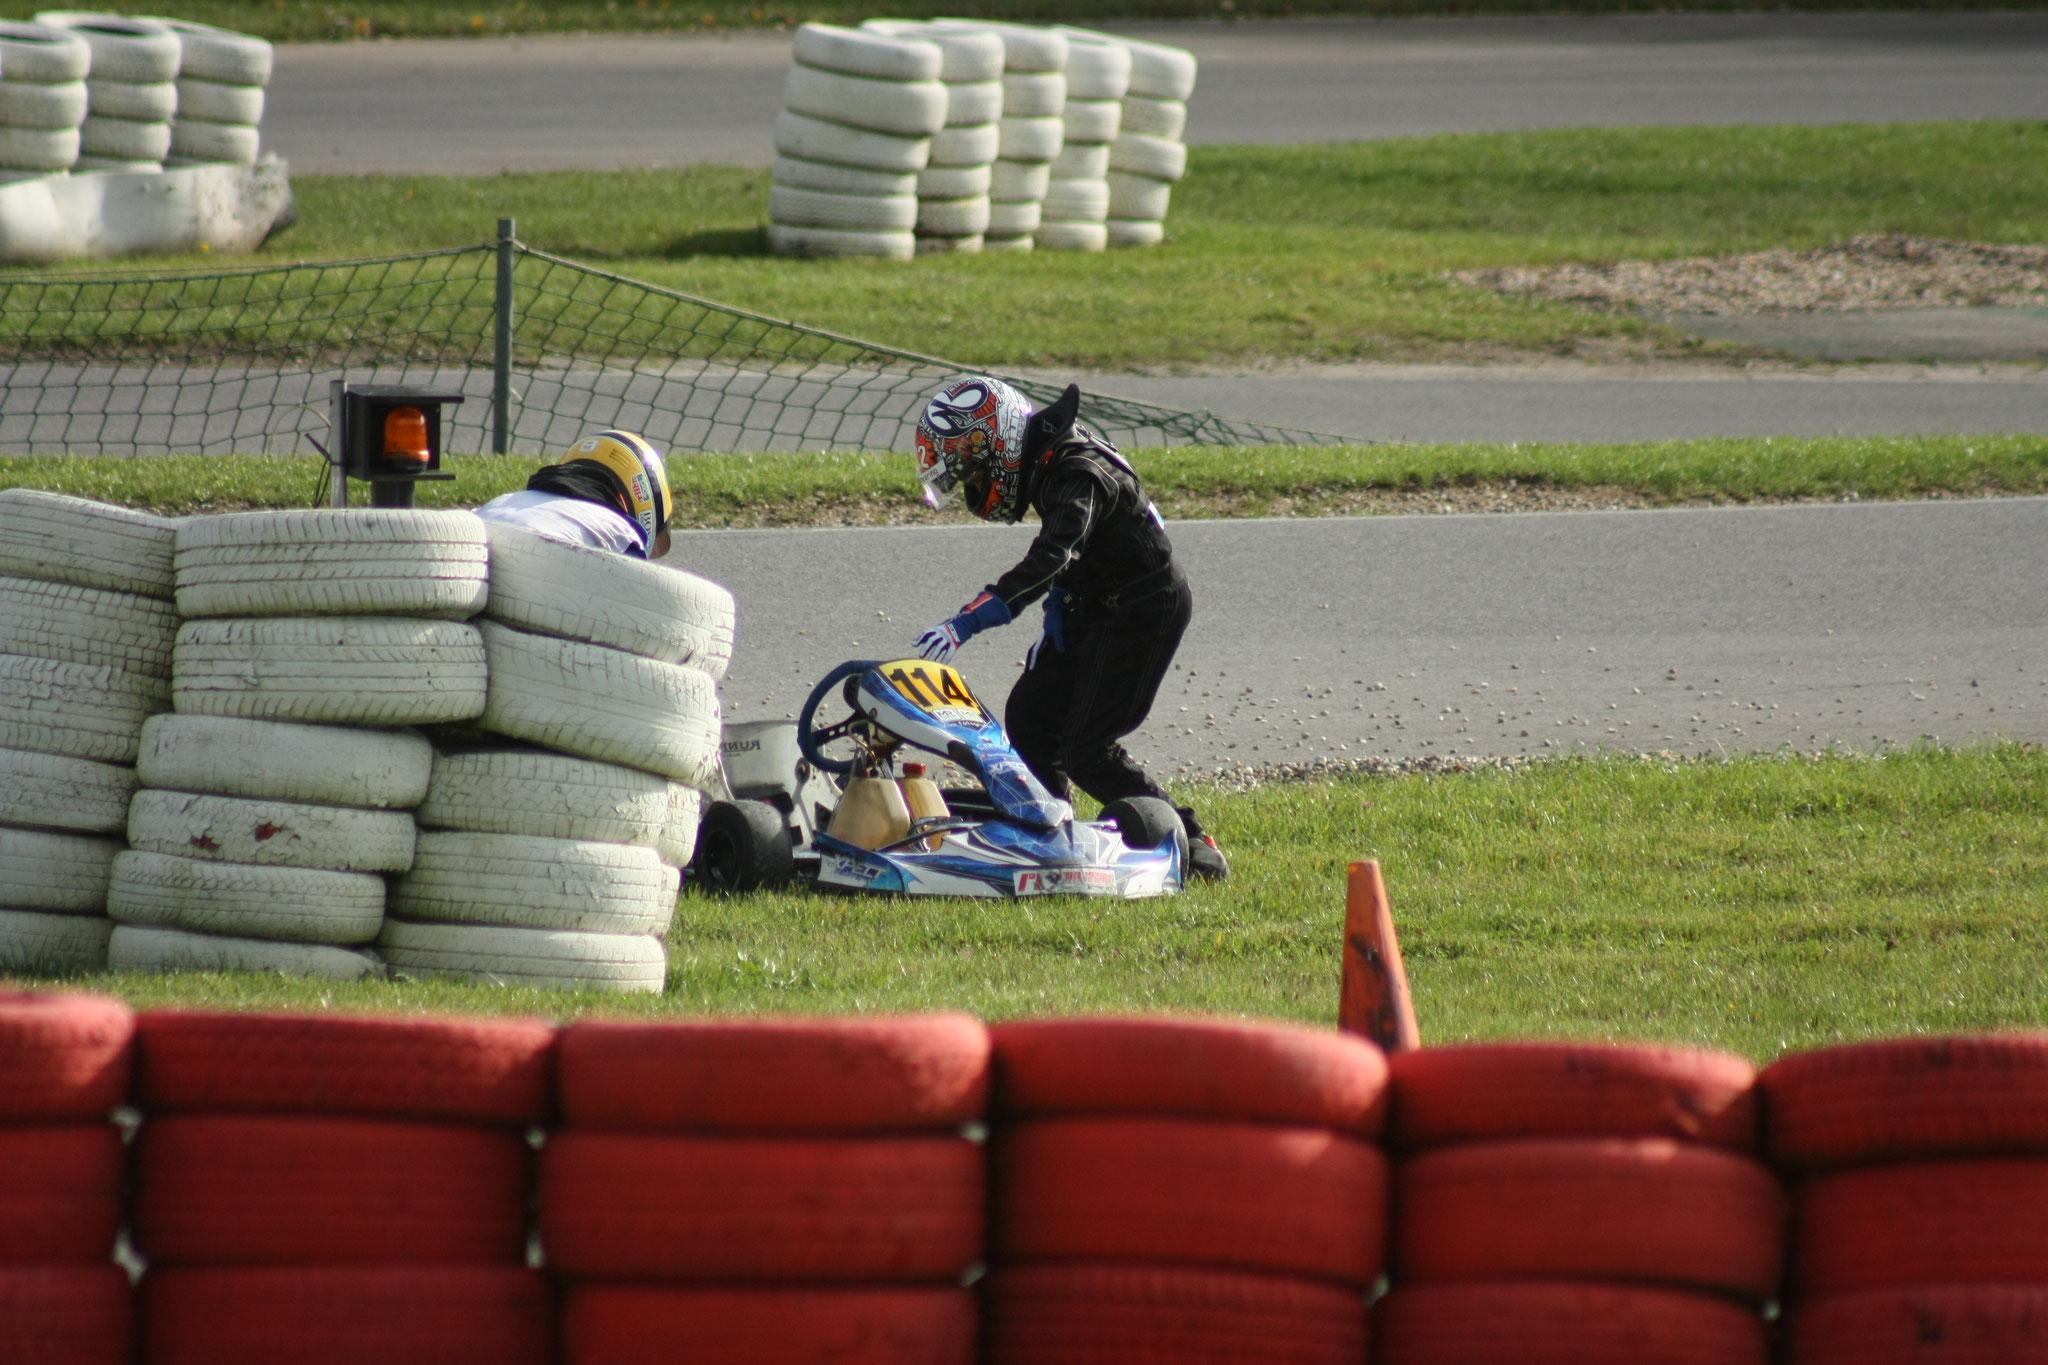 Echter andere Mika schoot te hulp, parkeerde zijn kart in het gras en helpt samen met Mika om de kart weer op de baan te krijgen en dat lukt.